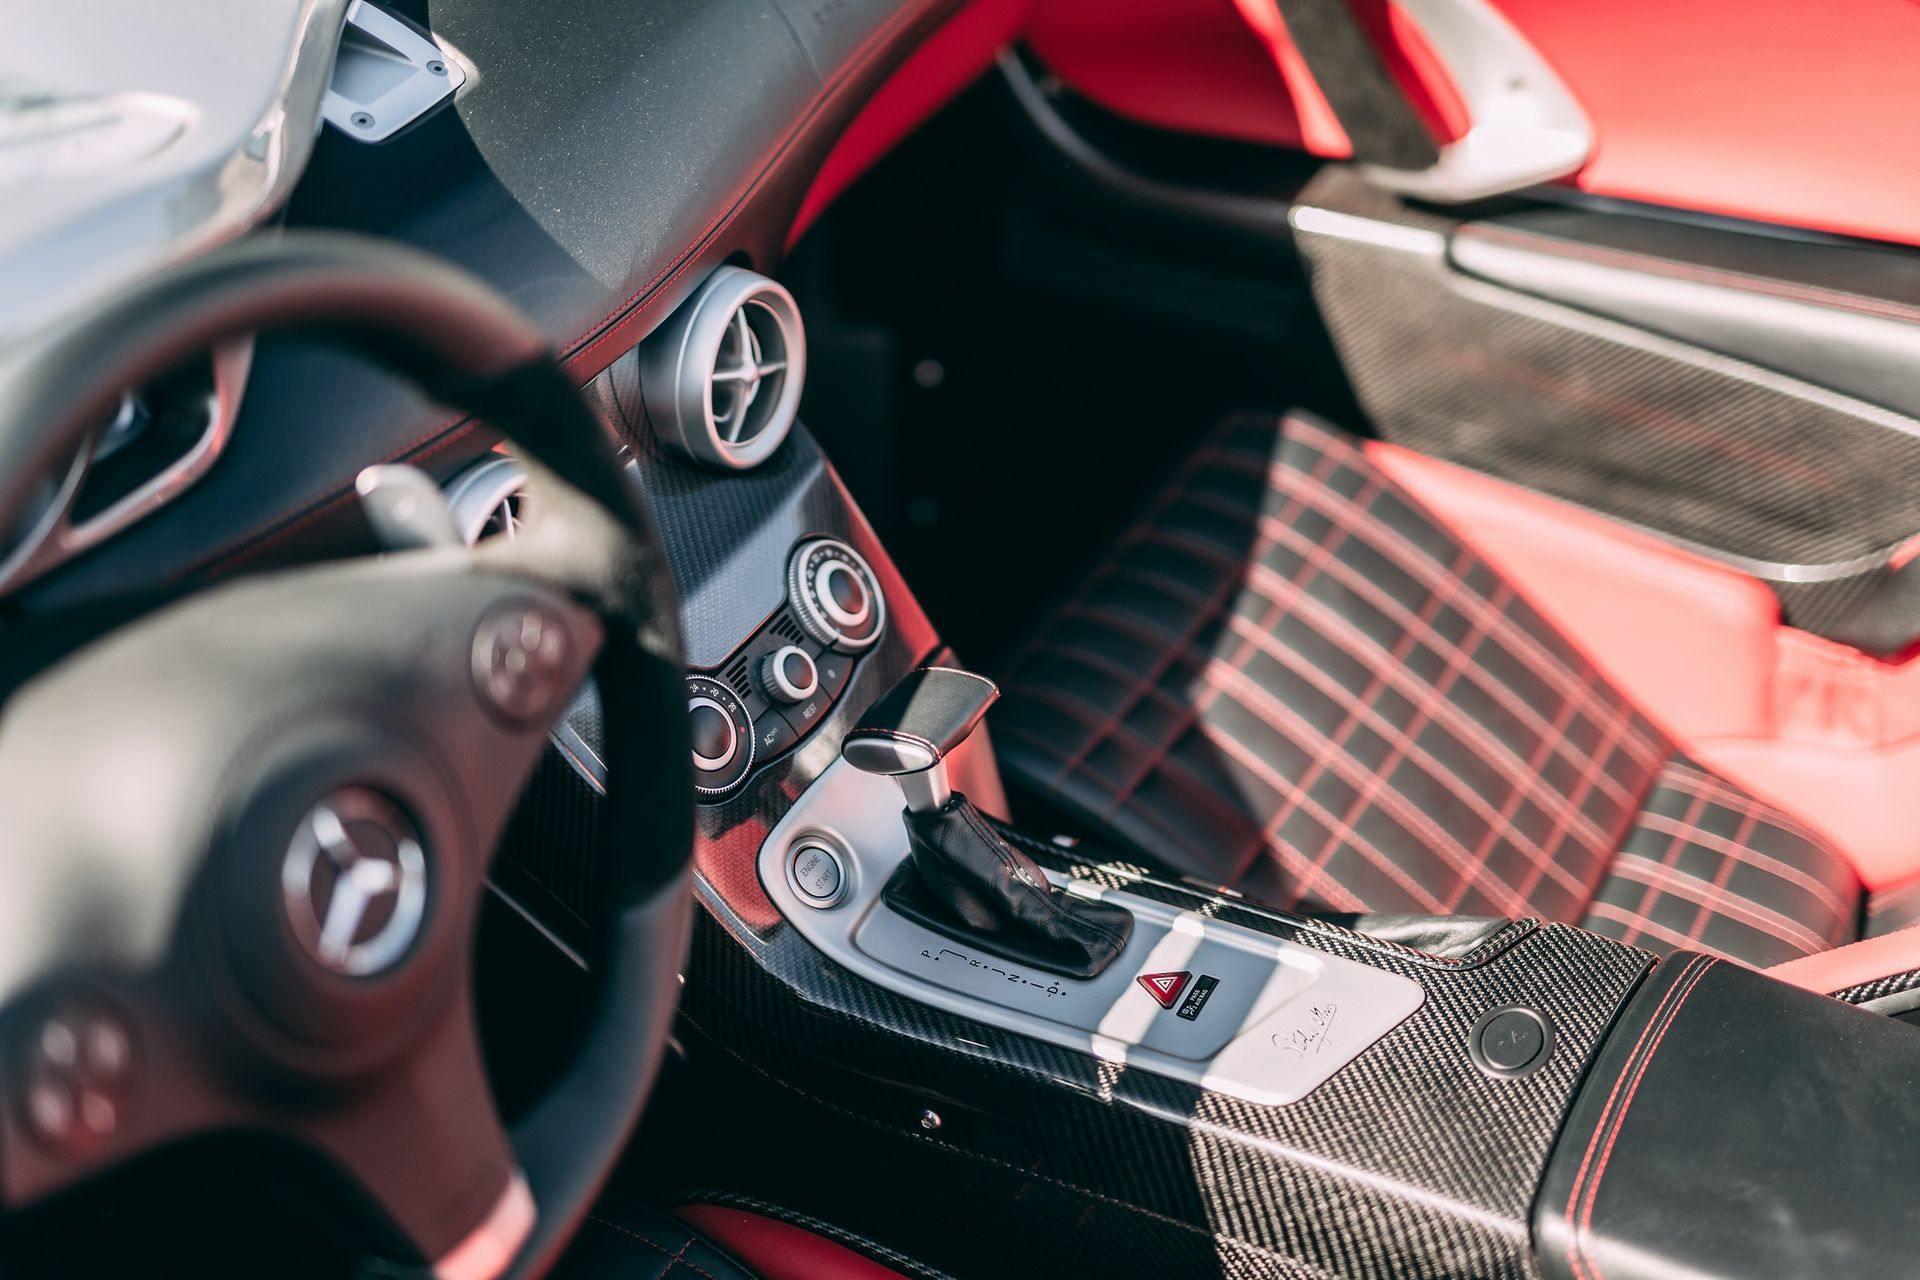 2009-Mercedes-Benz-SLR-McLaren-Stirling-Moss-_14